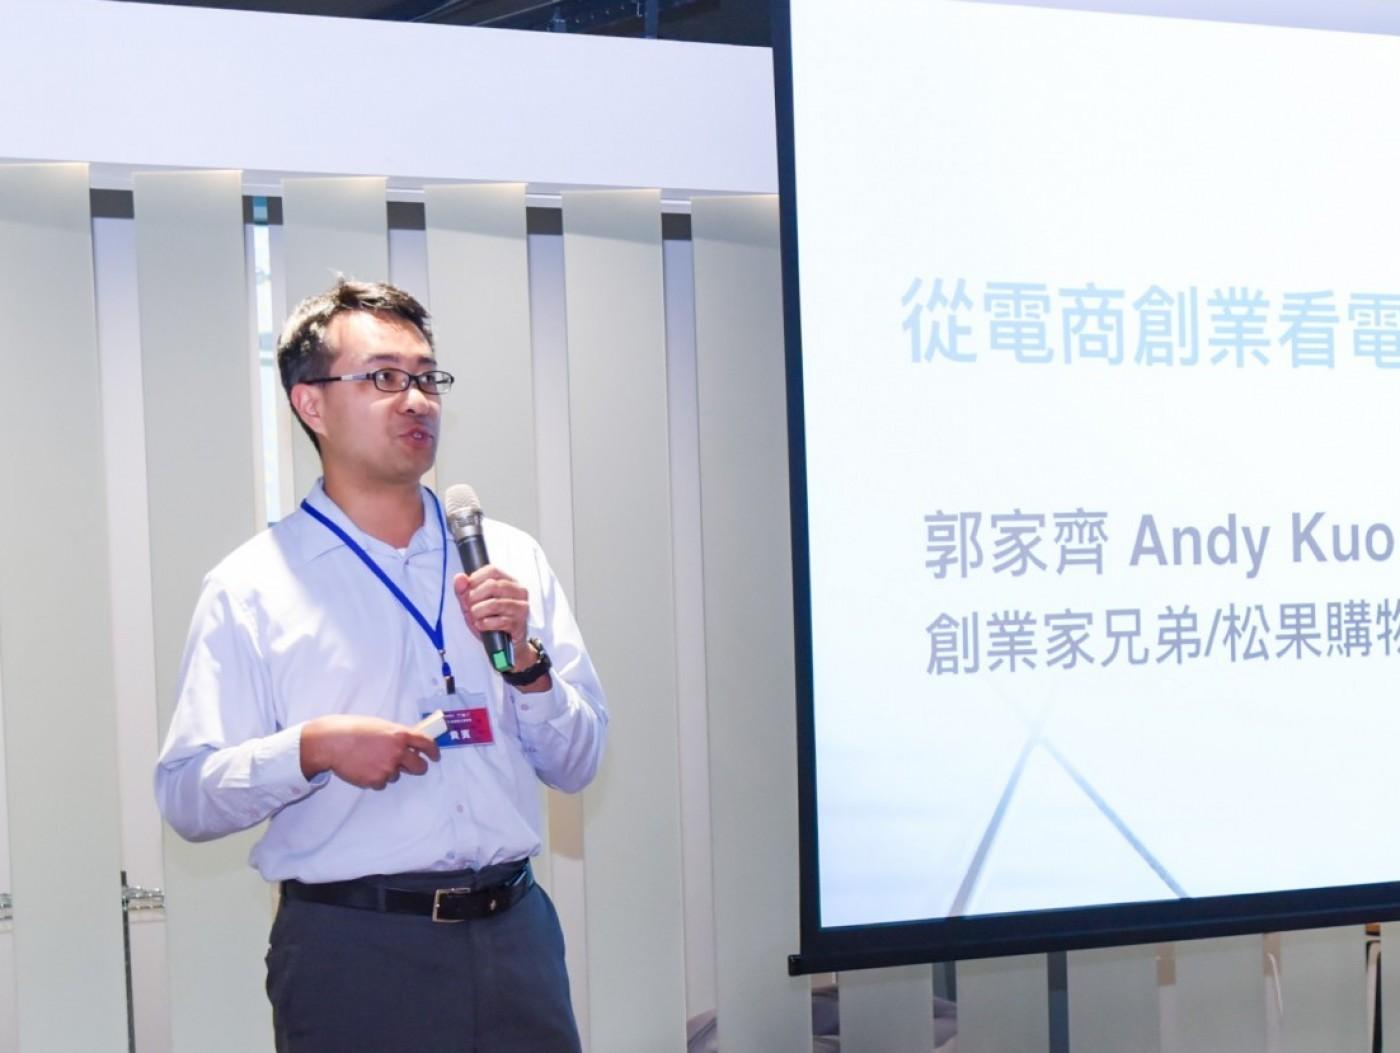 創業家兄弟郭家齊:最傑出的人永遠是站在框架外思考的人